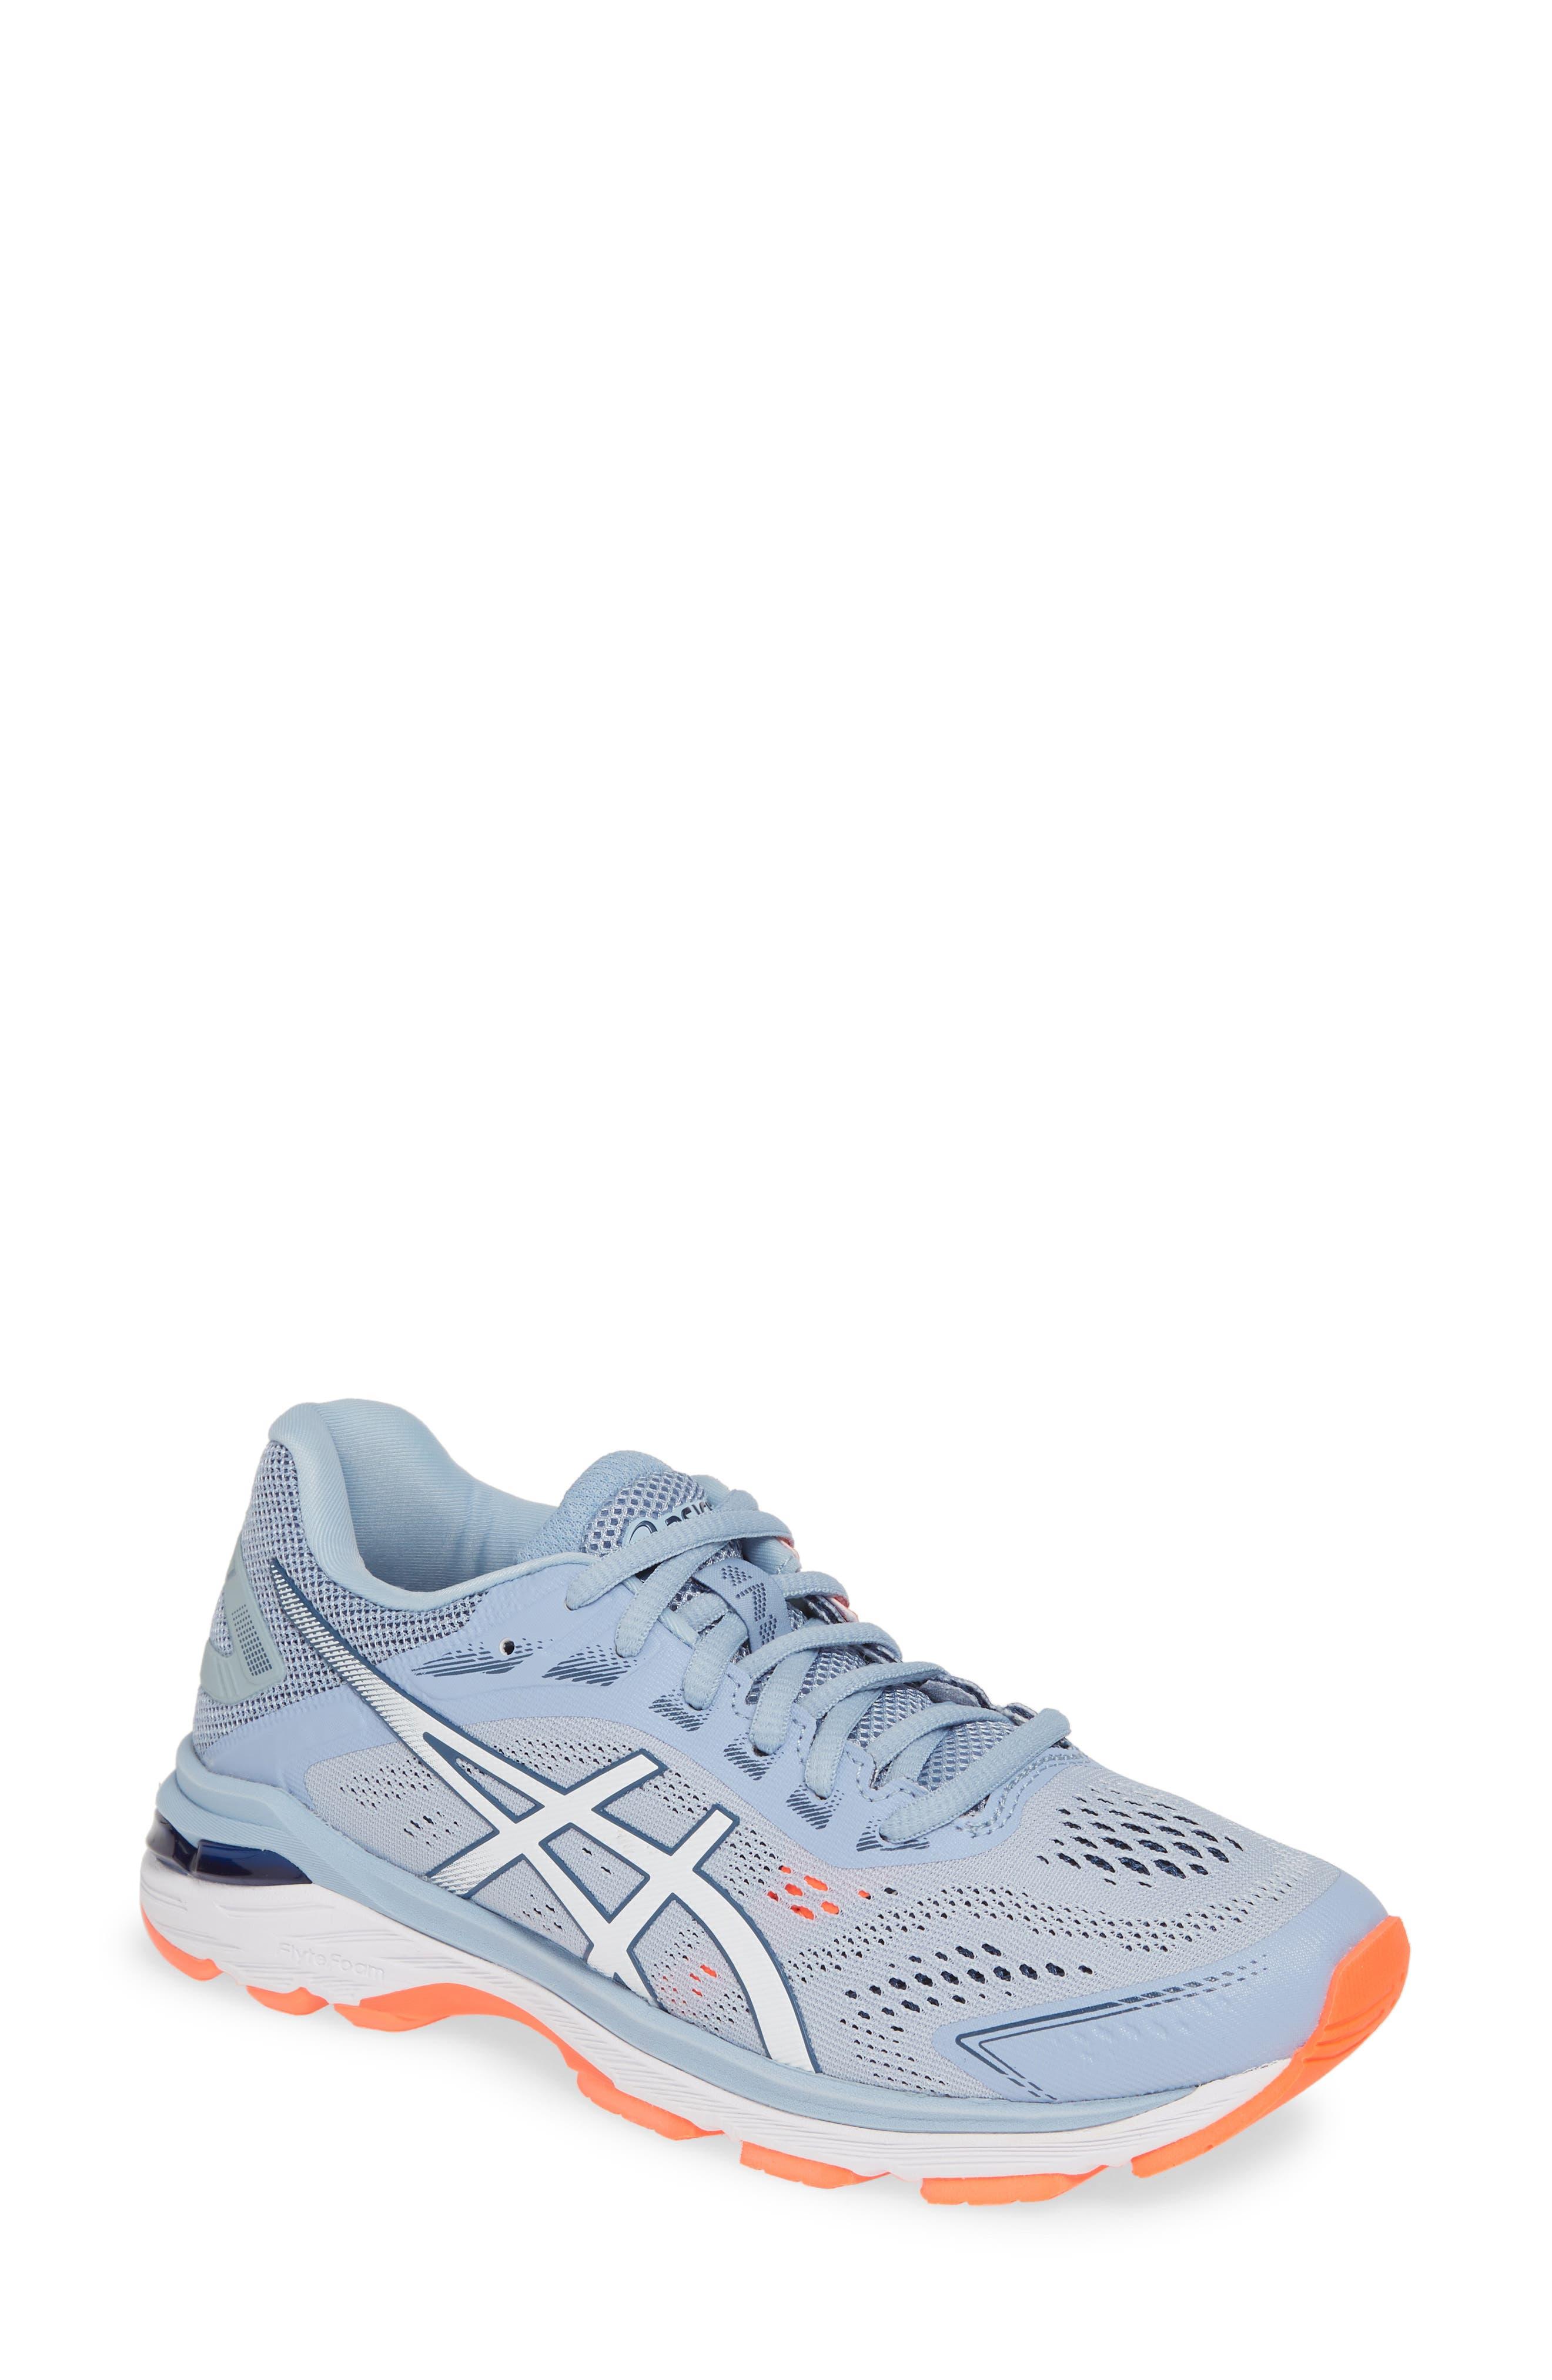 Asics Gt-2000 7 Running Shoe, Blue